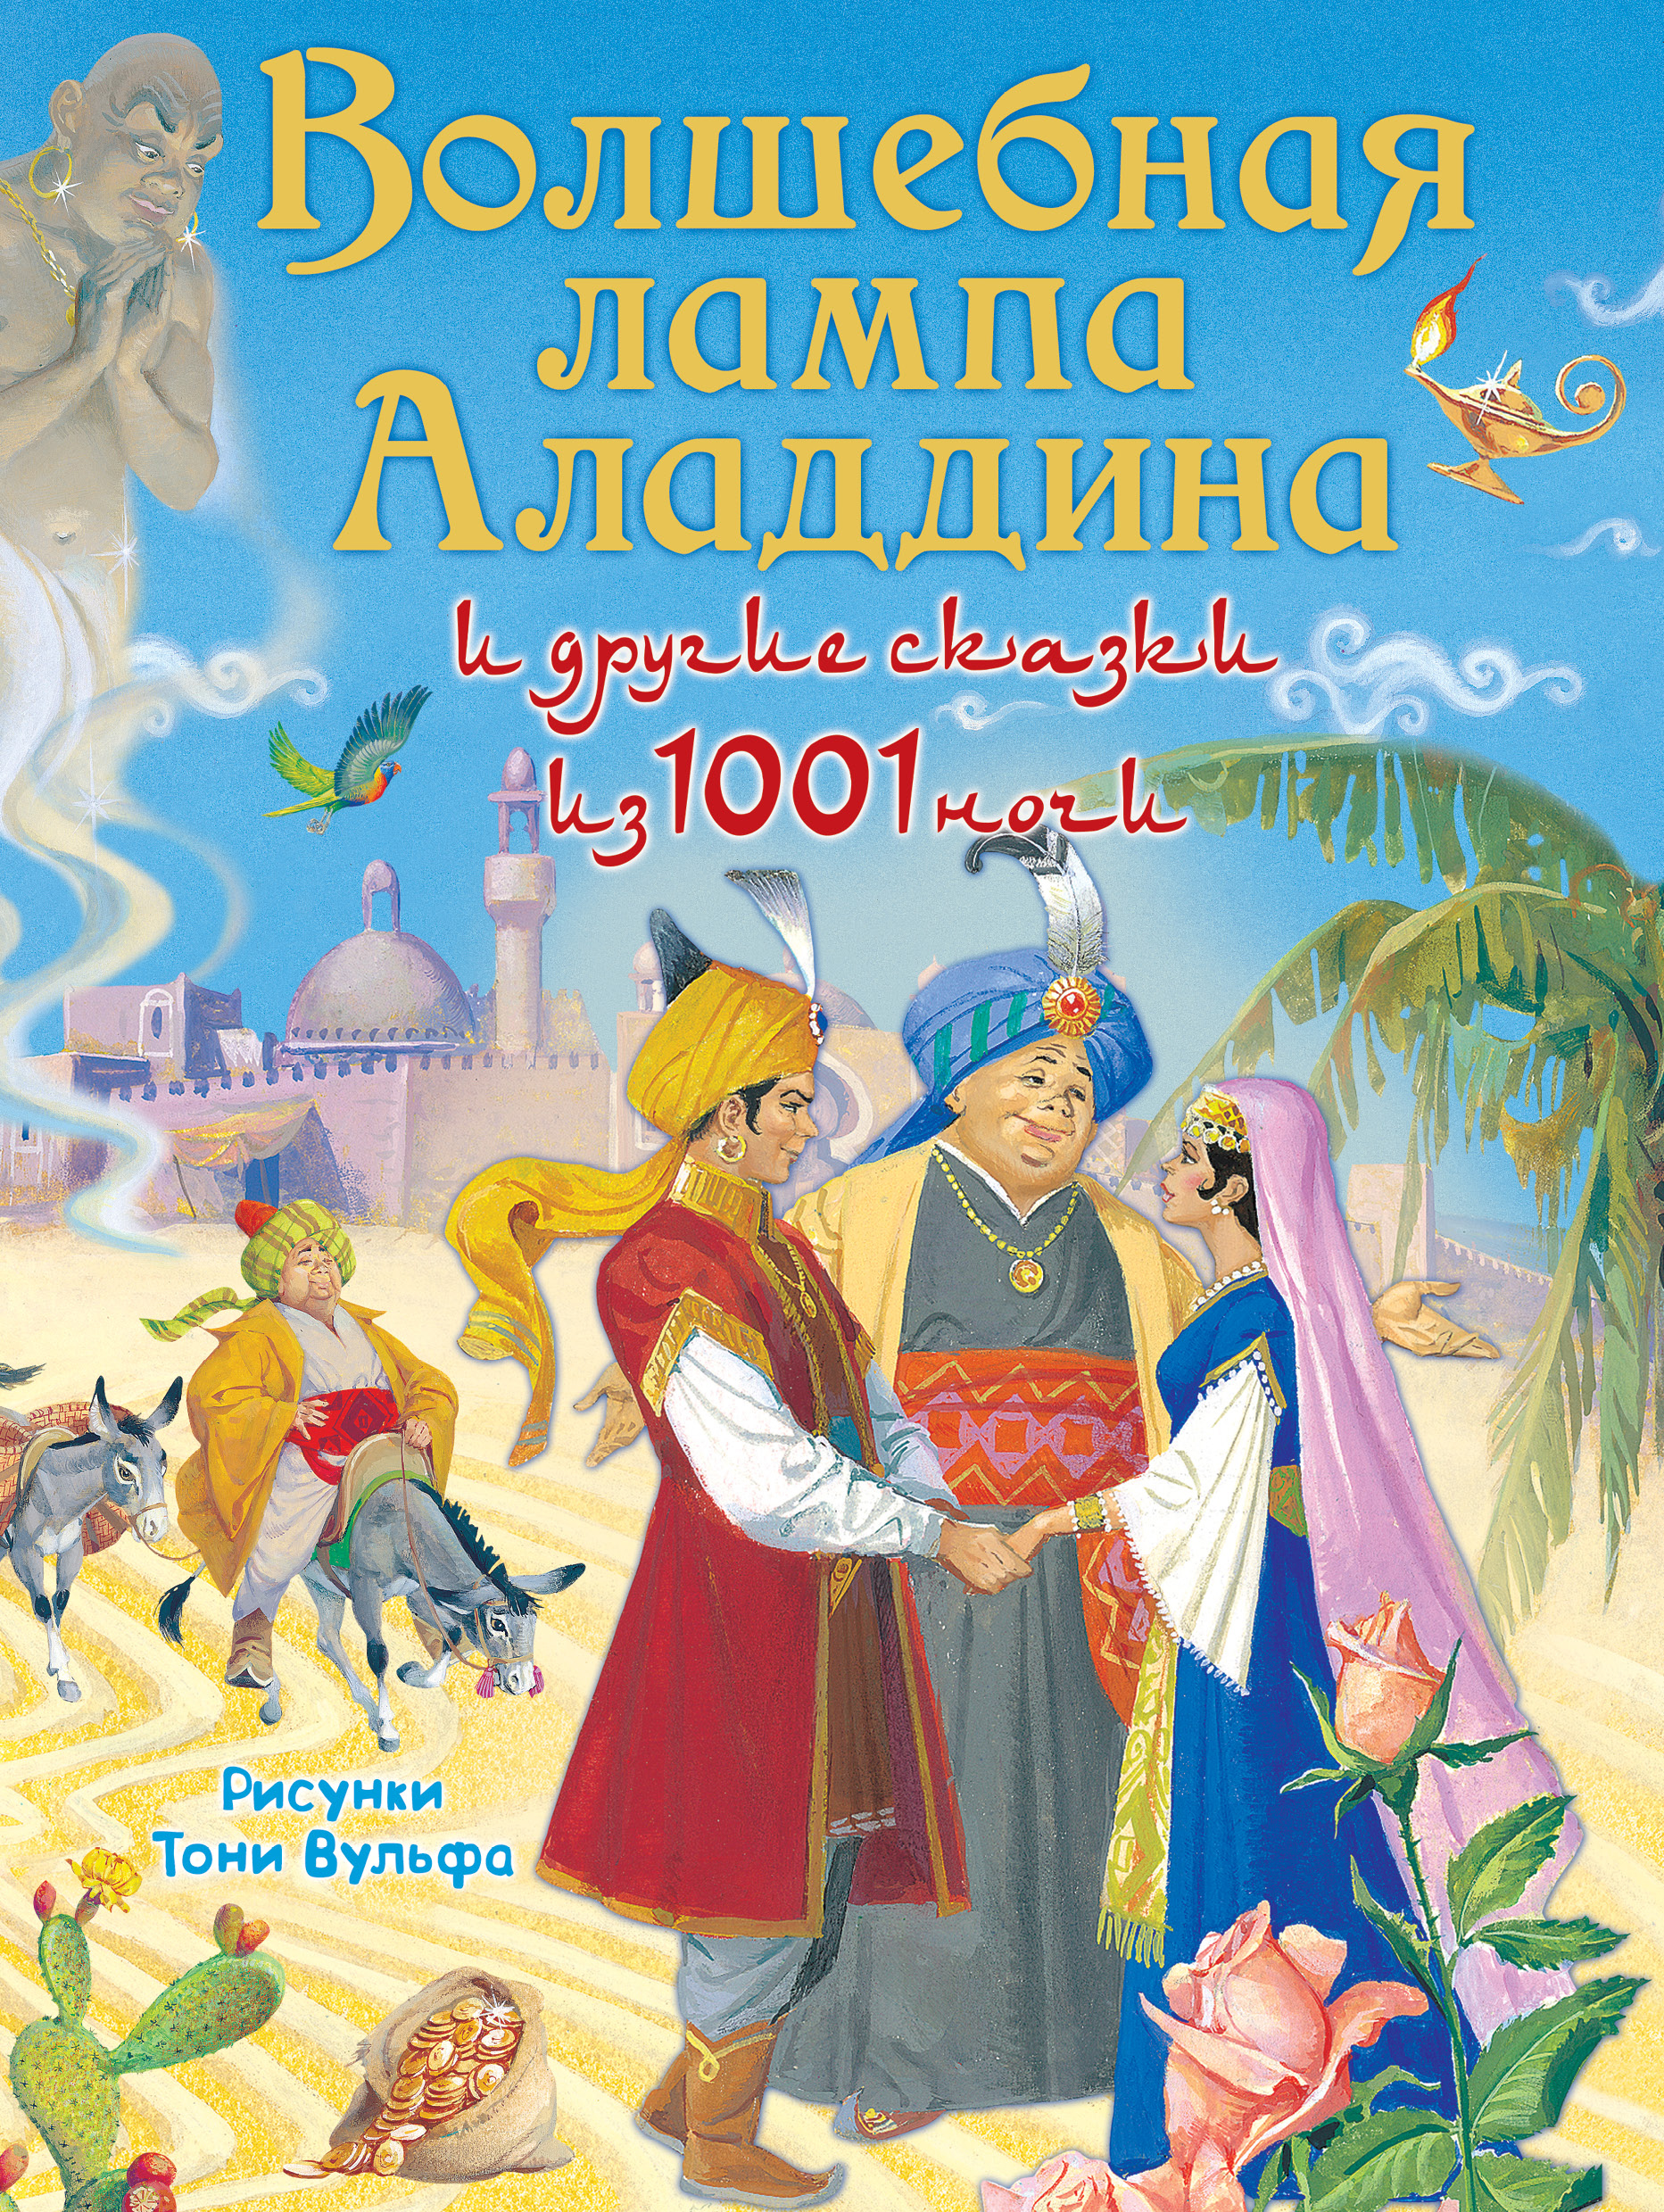 все цены на . Волшебная лампа Аладдина и другие сказки из 1001 ночи онлайн